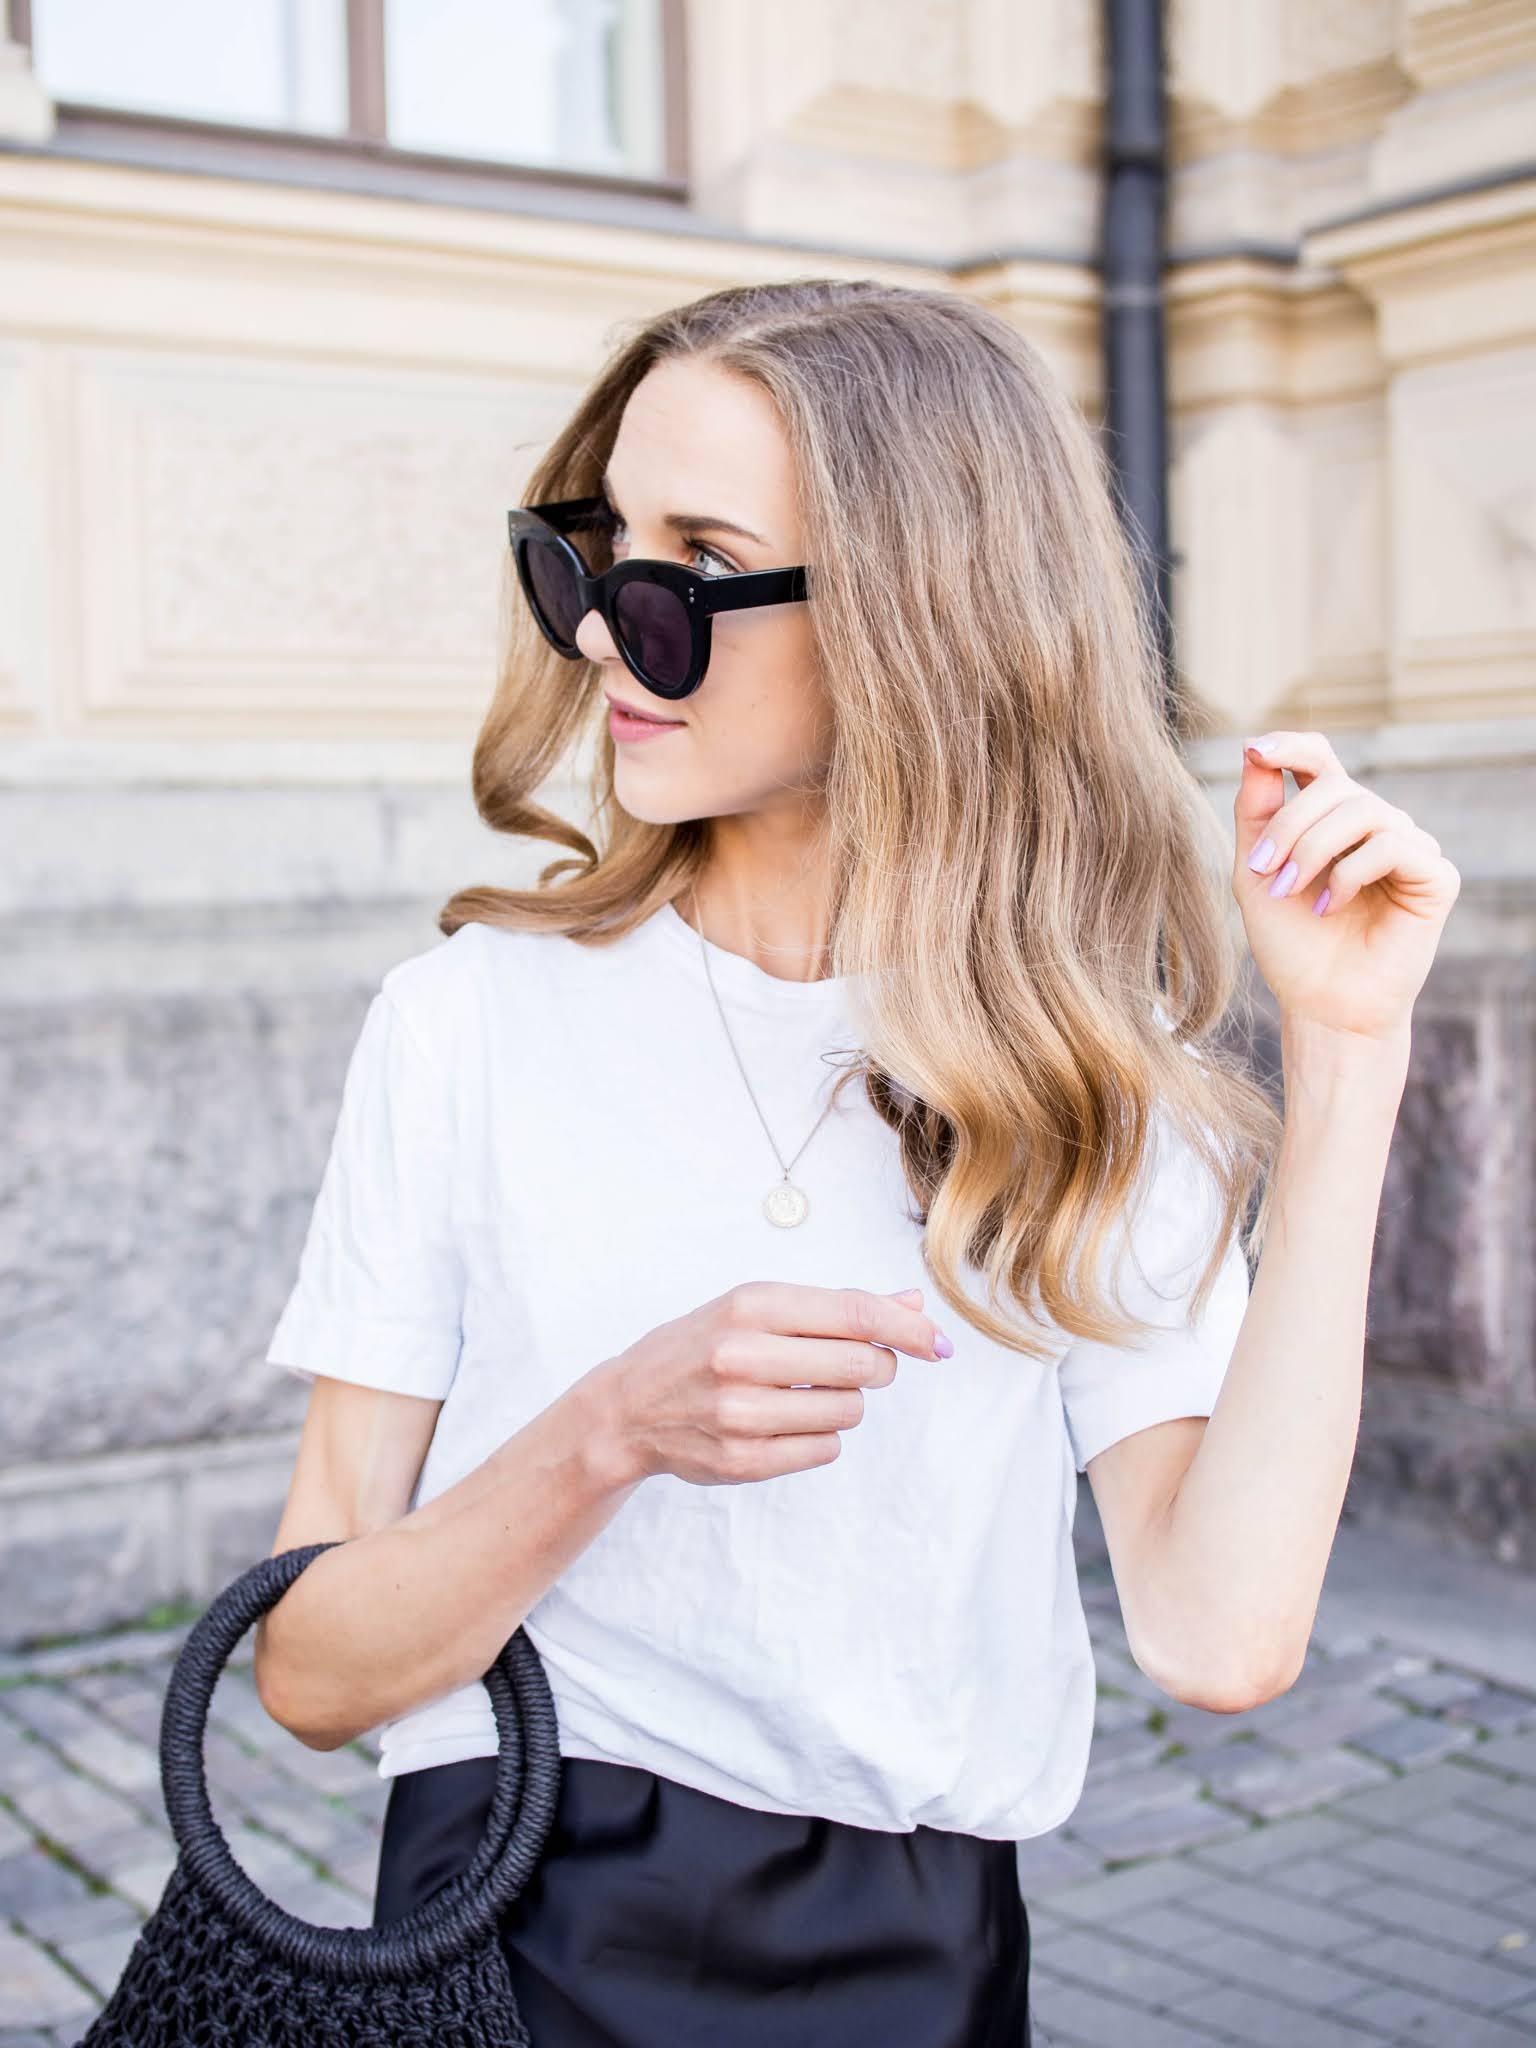 Casual and chic summer outfit - Rennon tyylikäs kesäasu